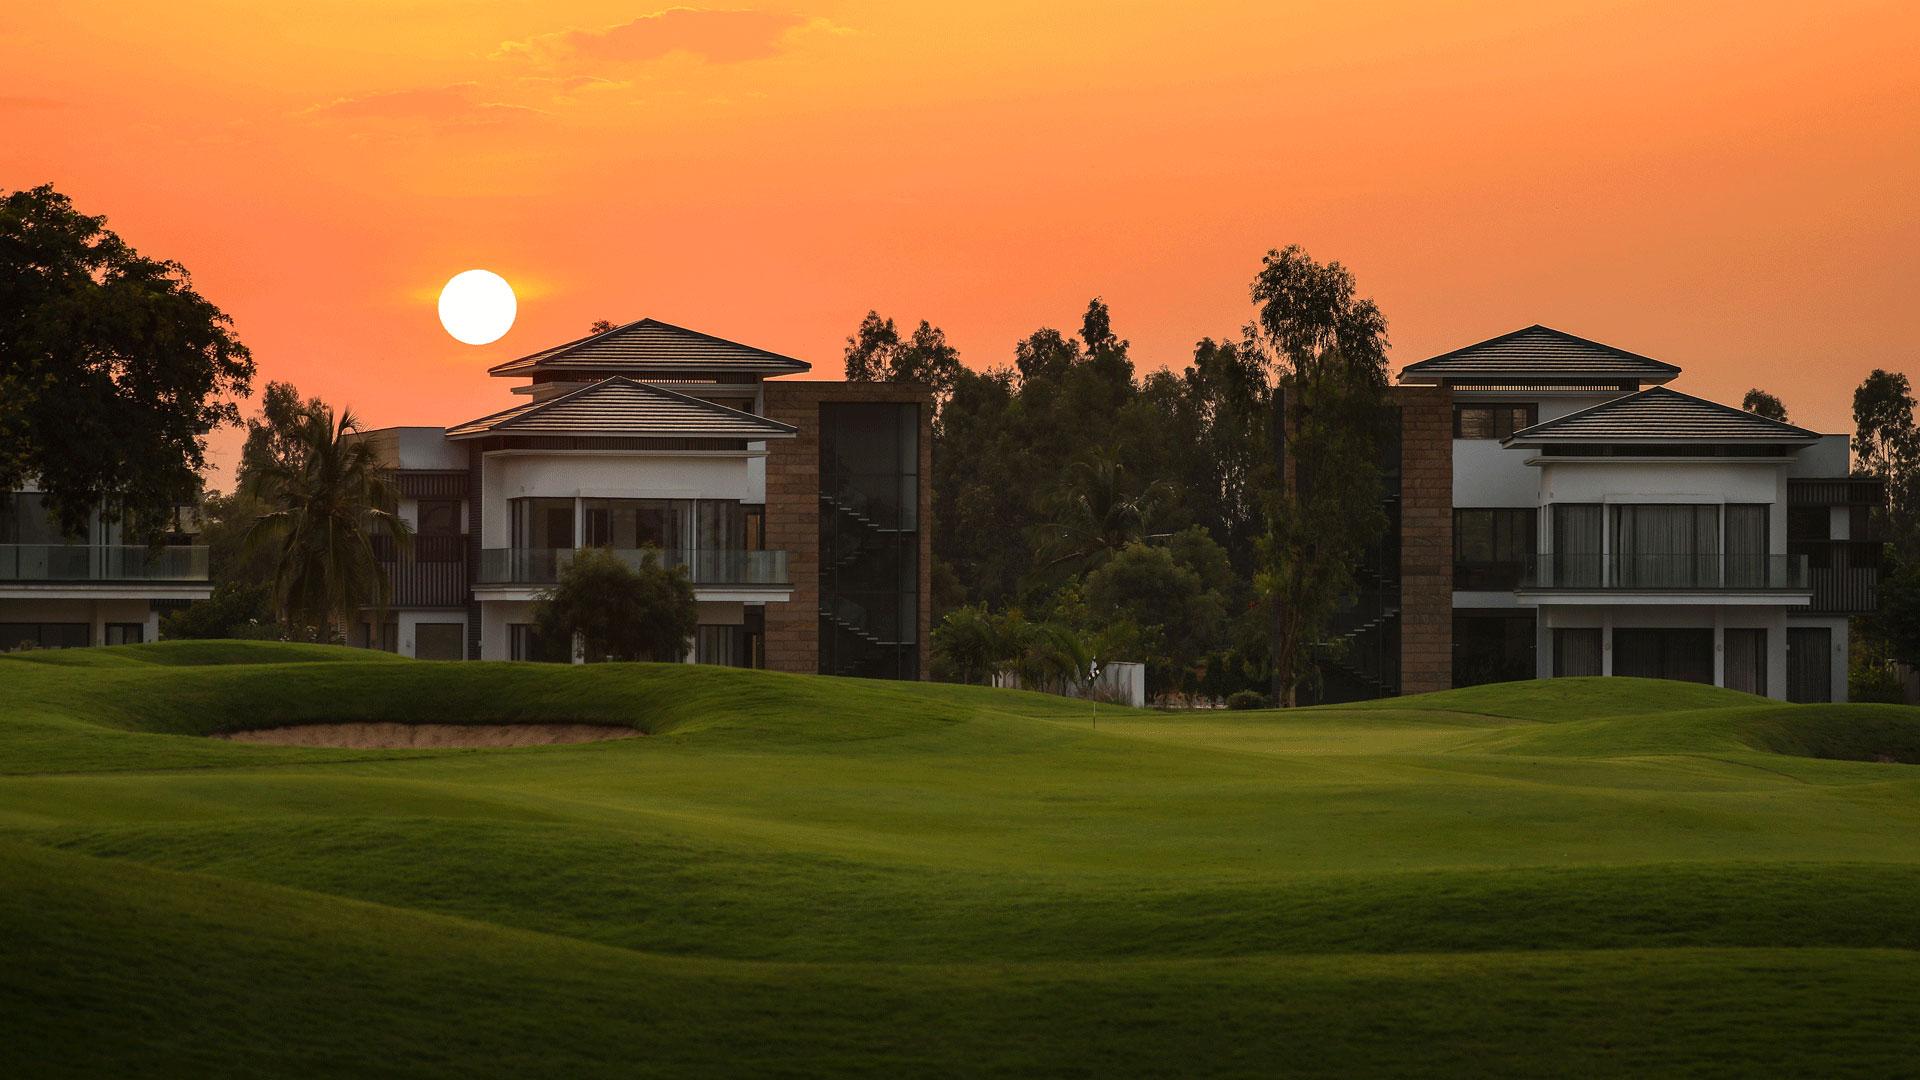 prestige-golfshire-Villas-in-Nandi hills-Bangalore-Image-03